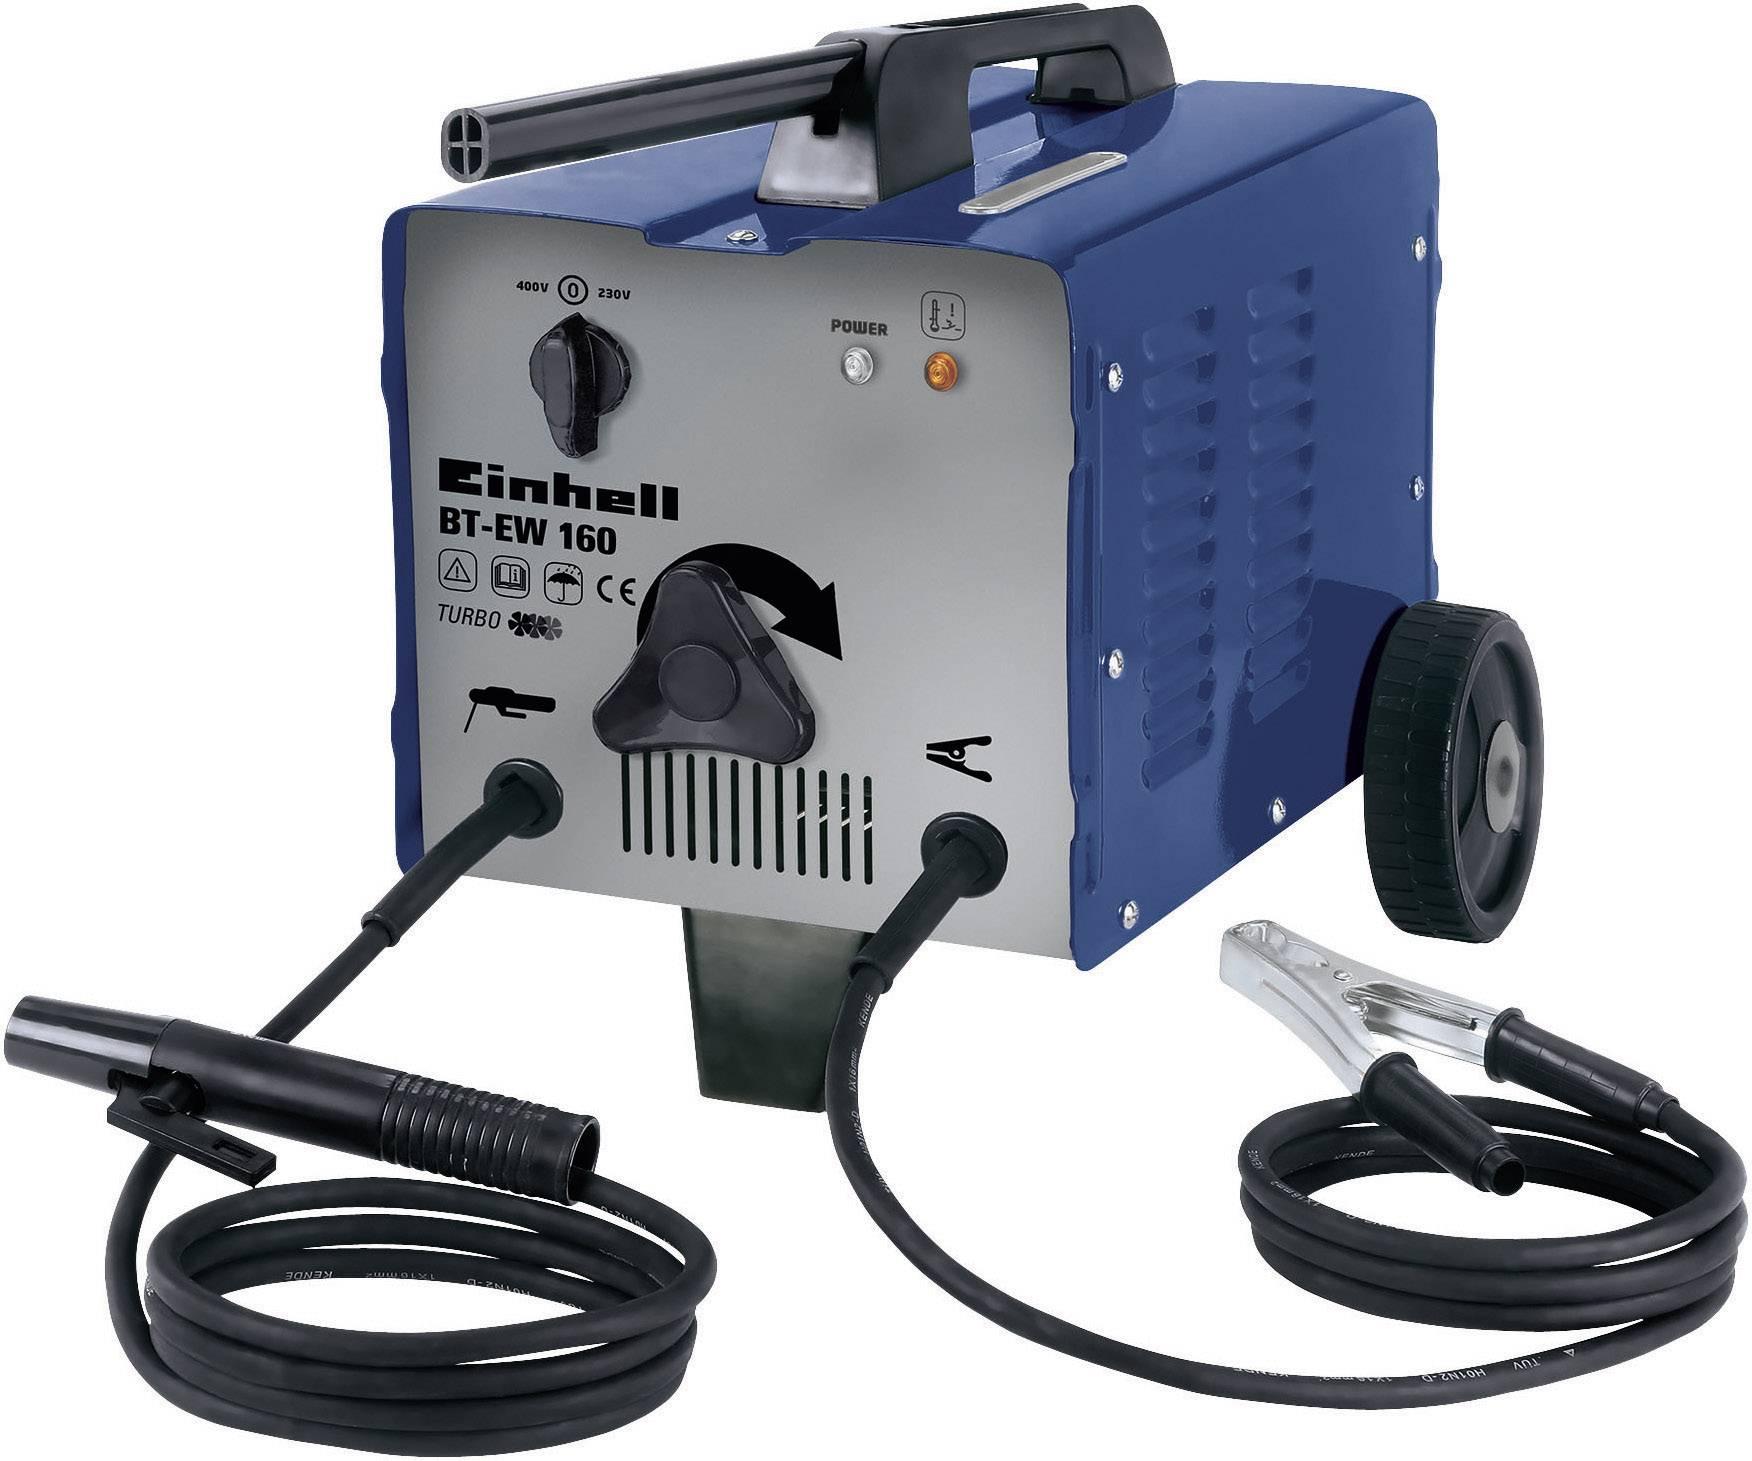 Trafo zváračka Einhell BT-EW 160 1546040, 55 - 160 A